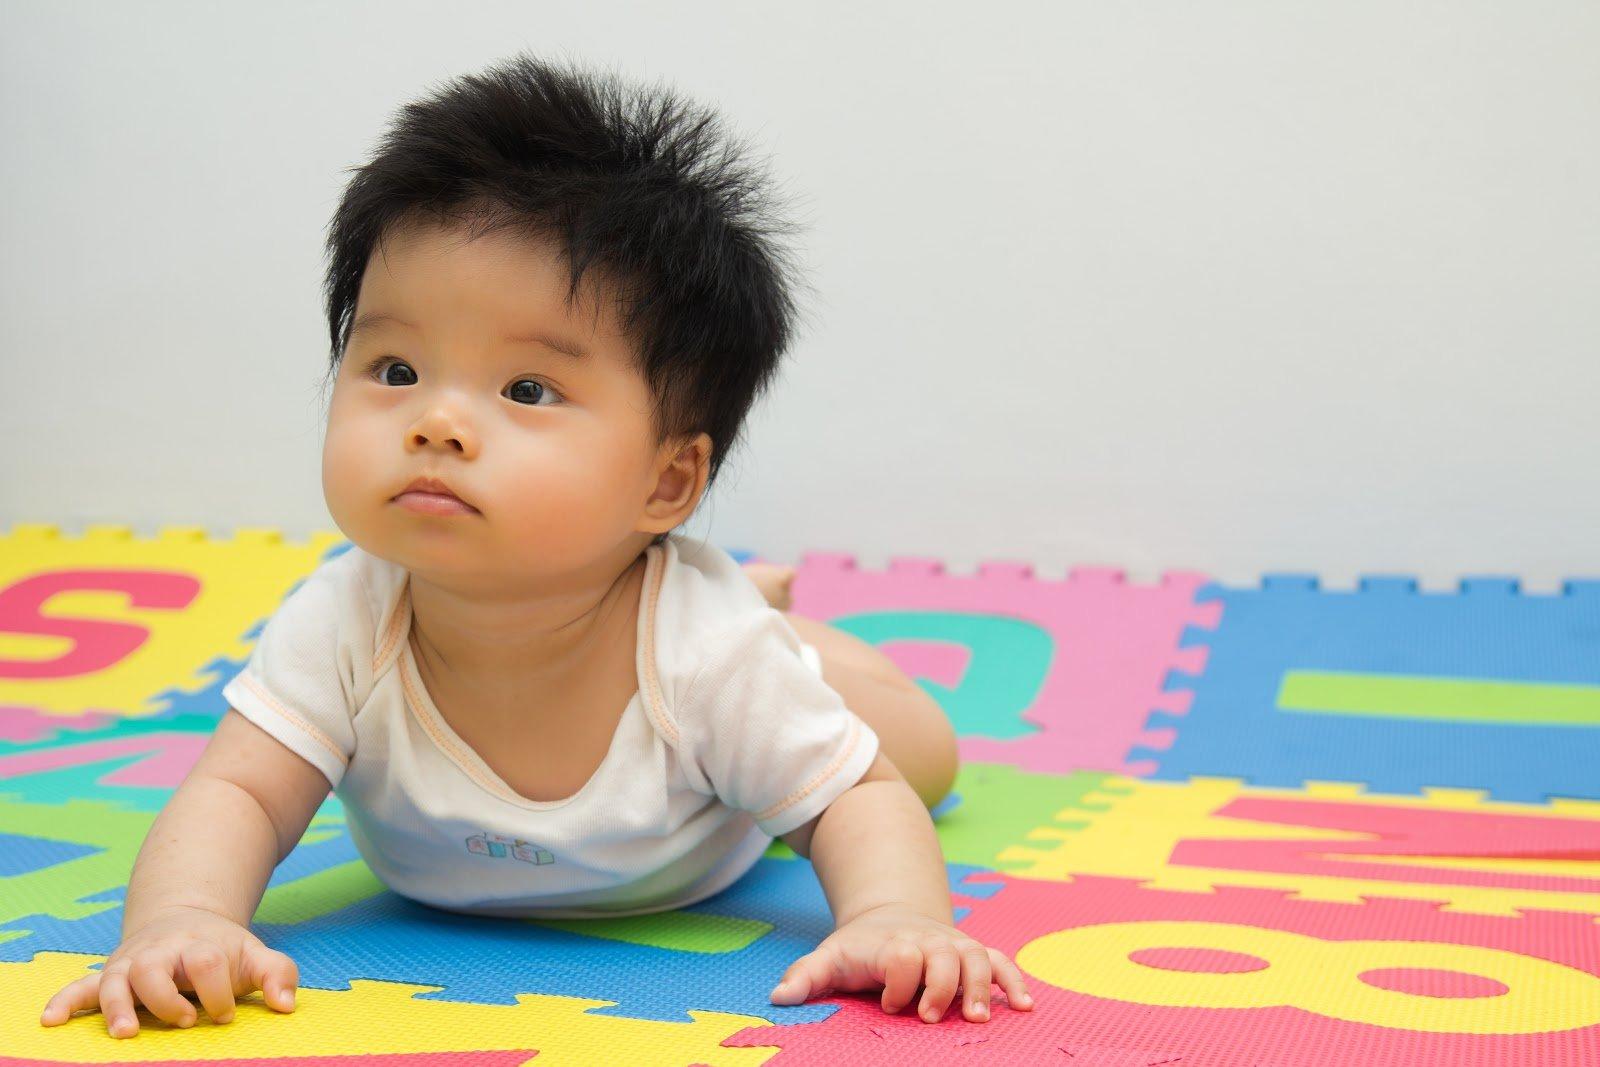 kapan-bayi-mulai-tengkurap-duduk-merangkak-berjalan.jpg